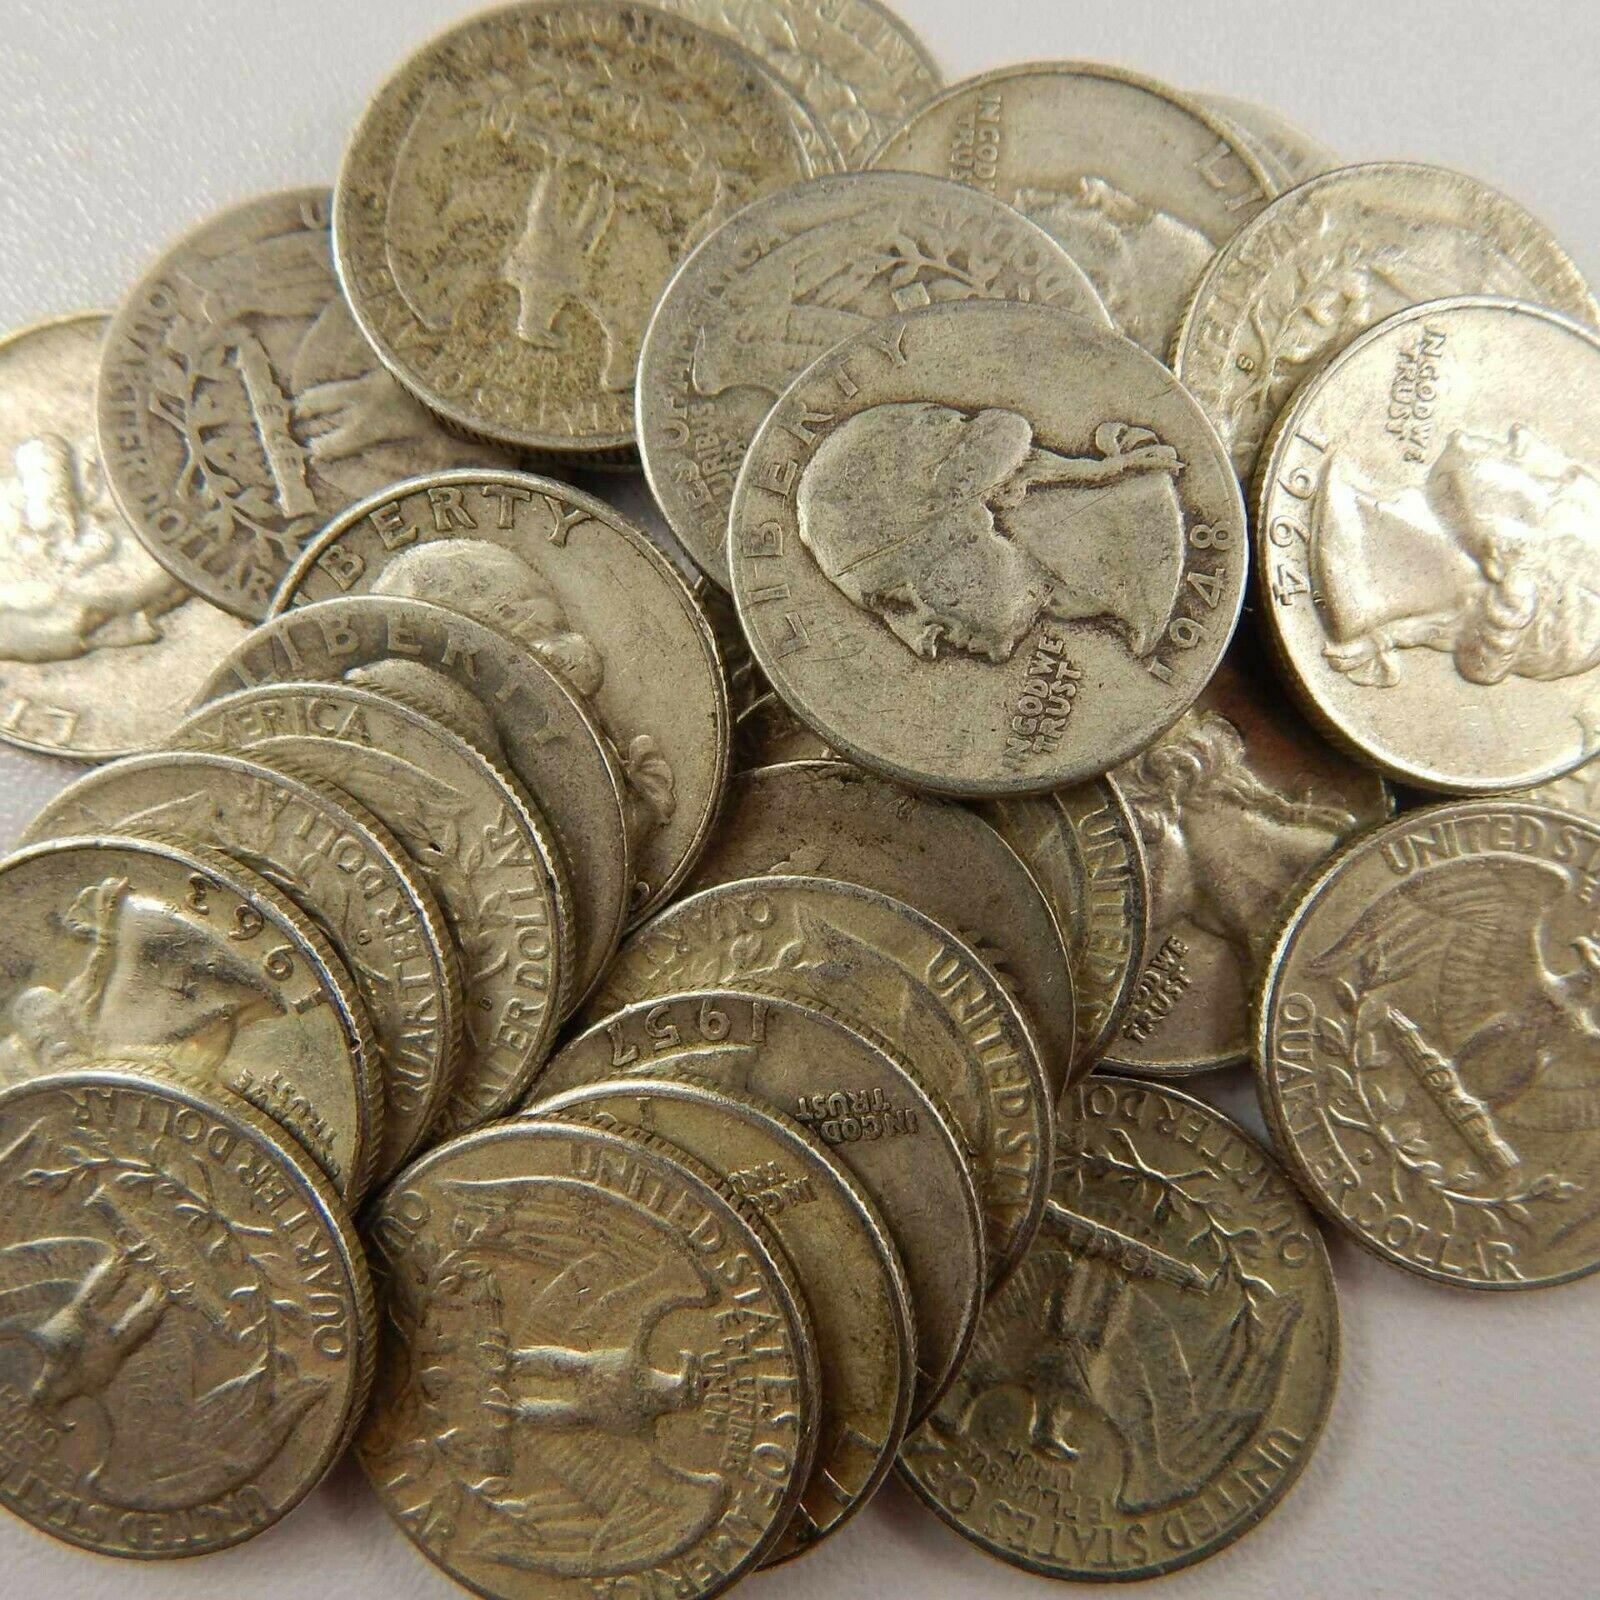 Coins $1 Face Value Dimes//Quarters//Halves 90/% Silver U.S